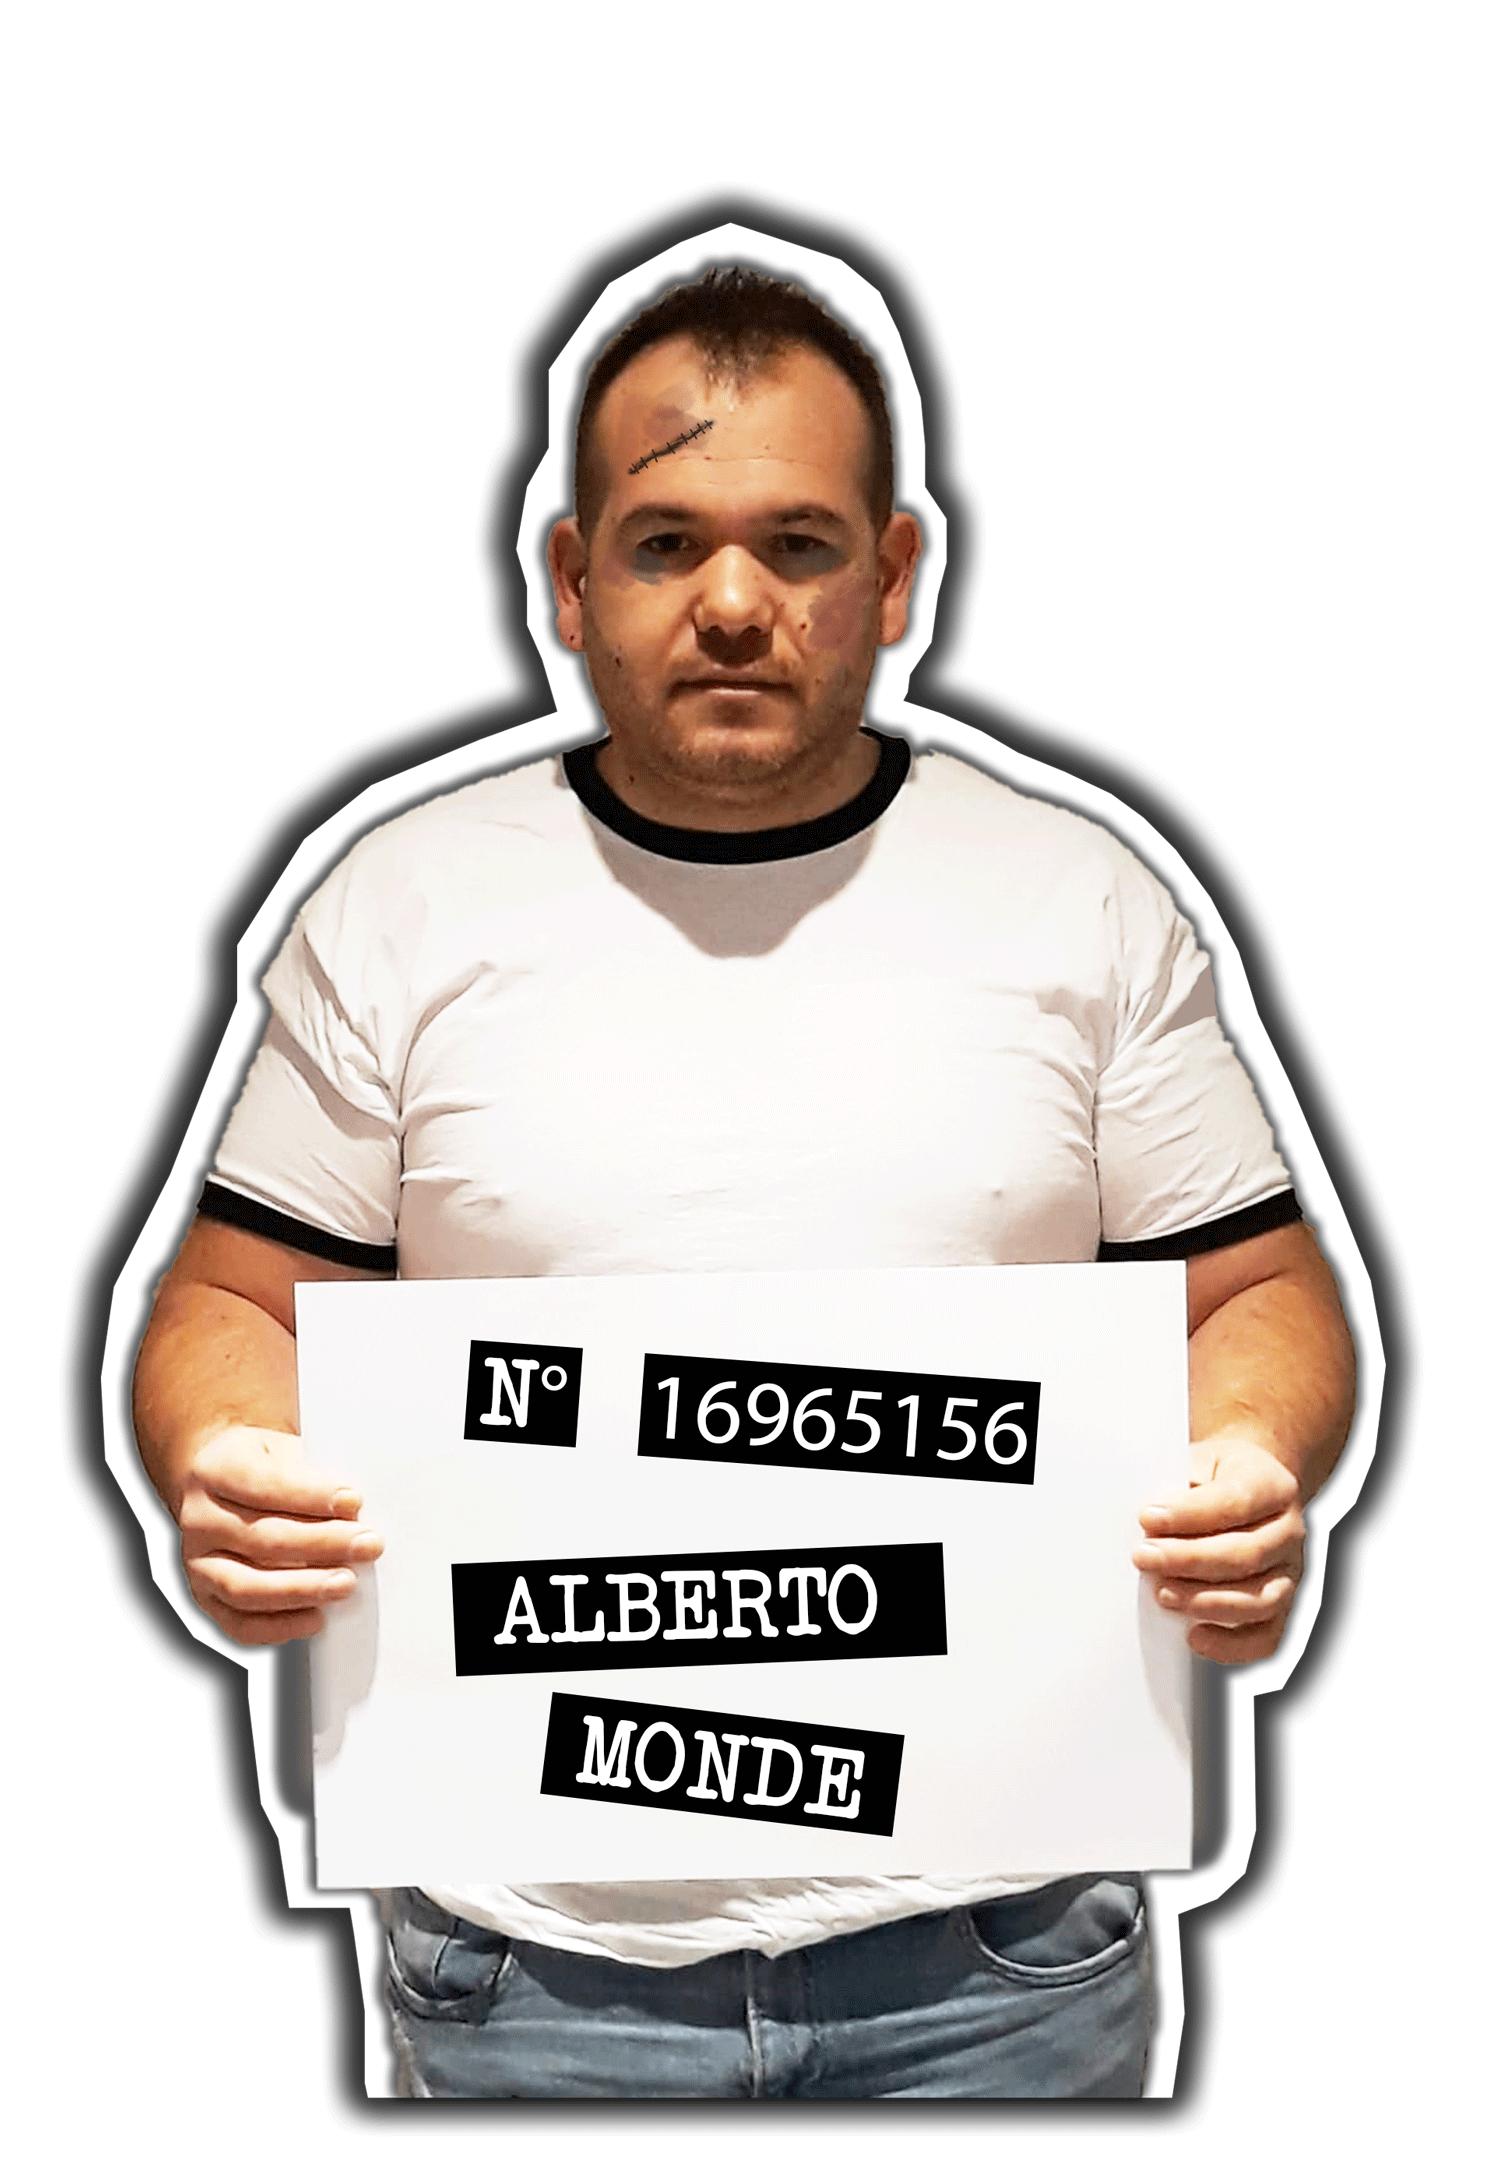 ALBERTO-MONDE-singolo-ok